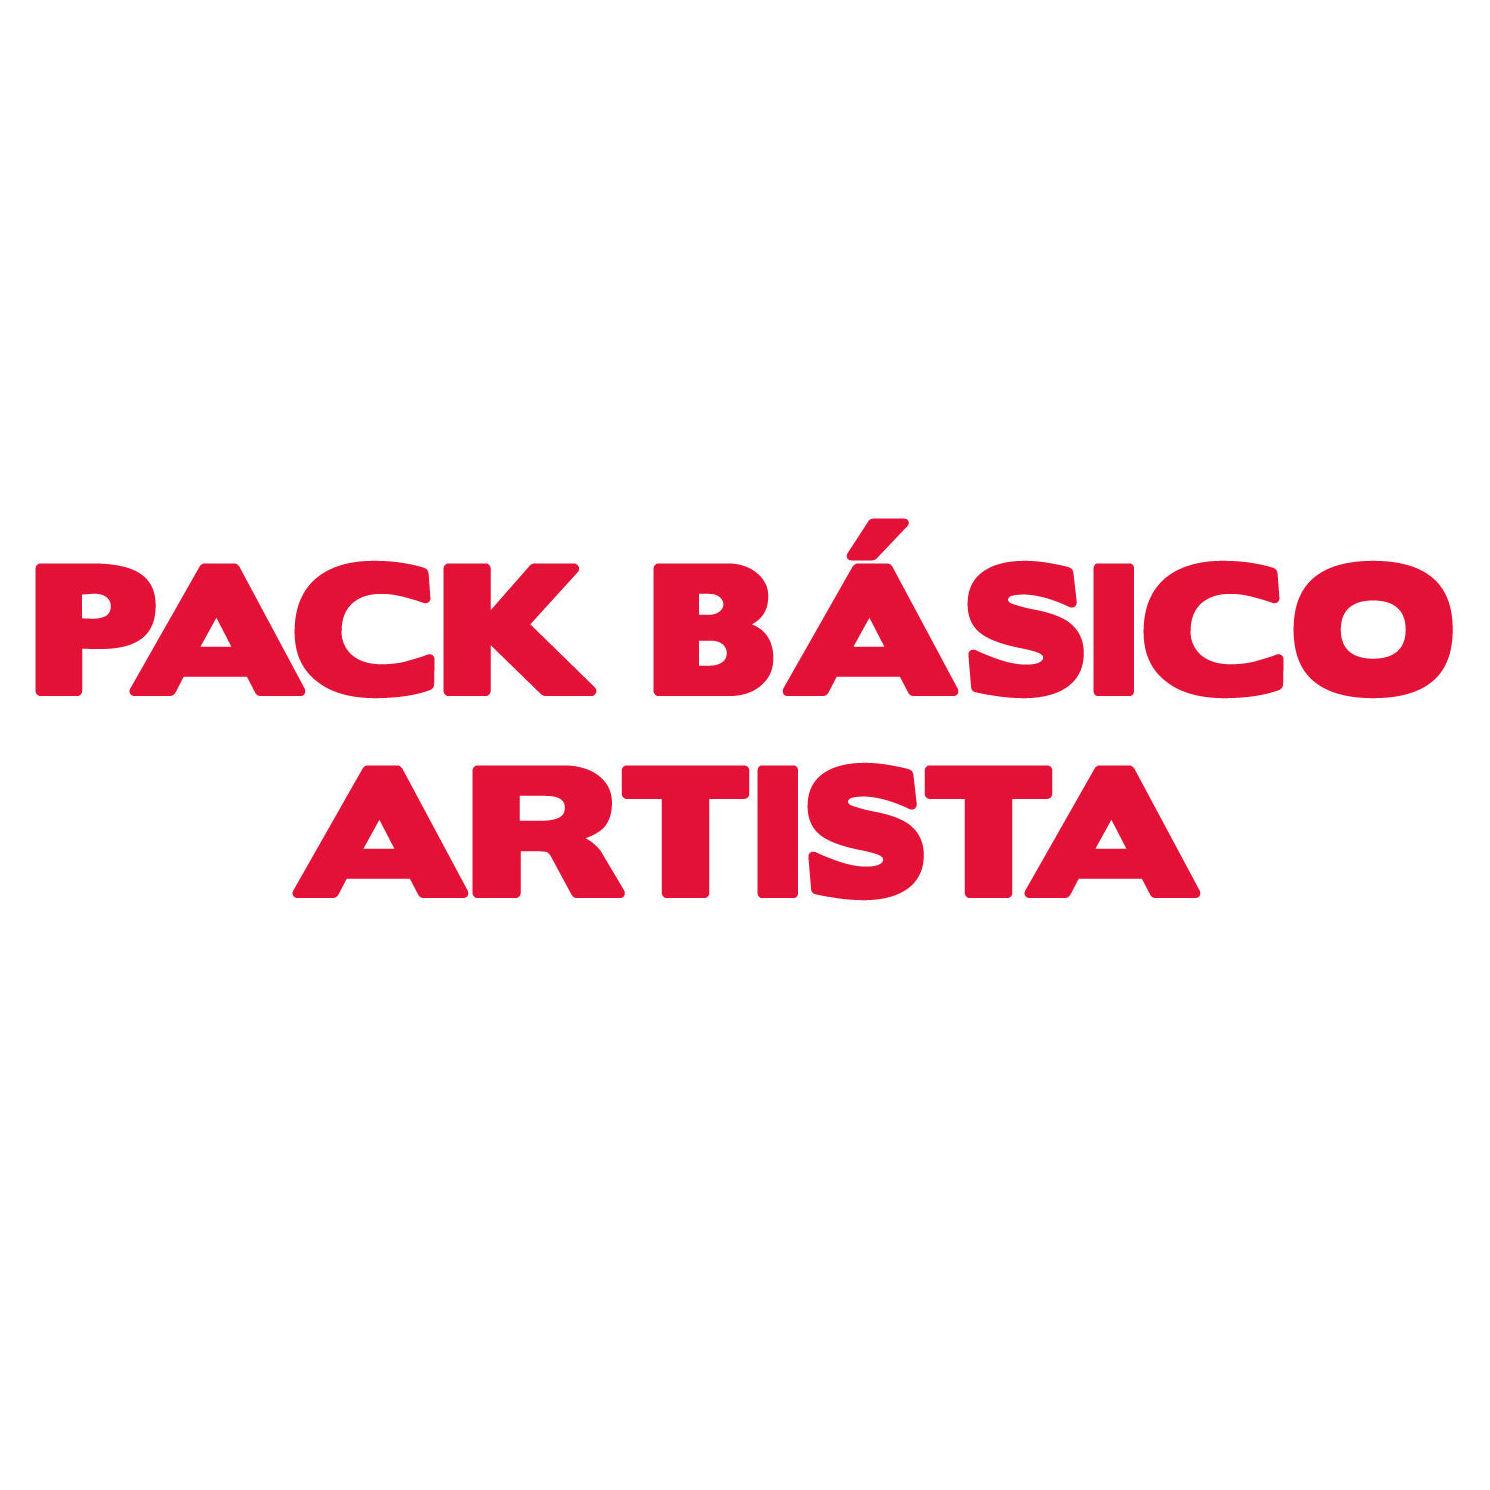 Pack básico artista: Servicios of Cultus